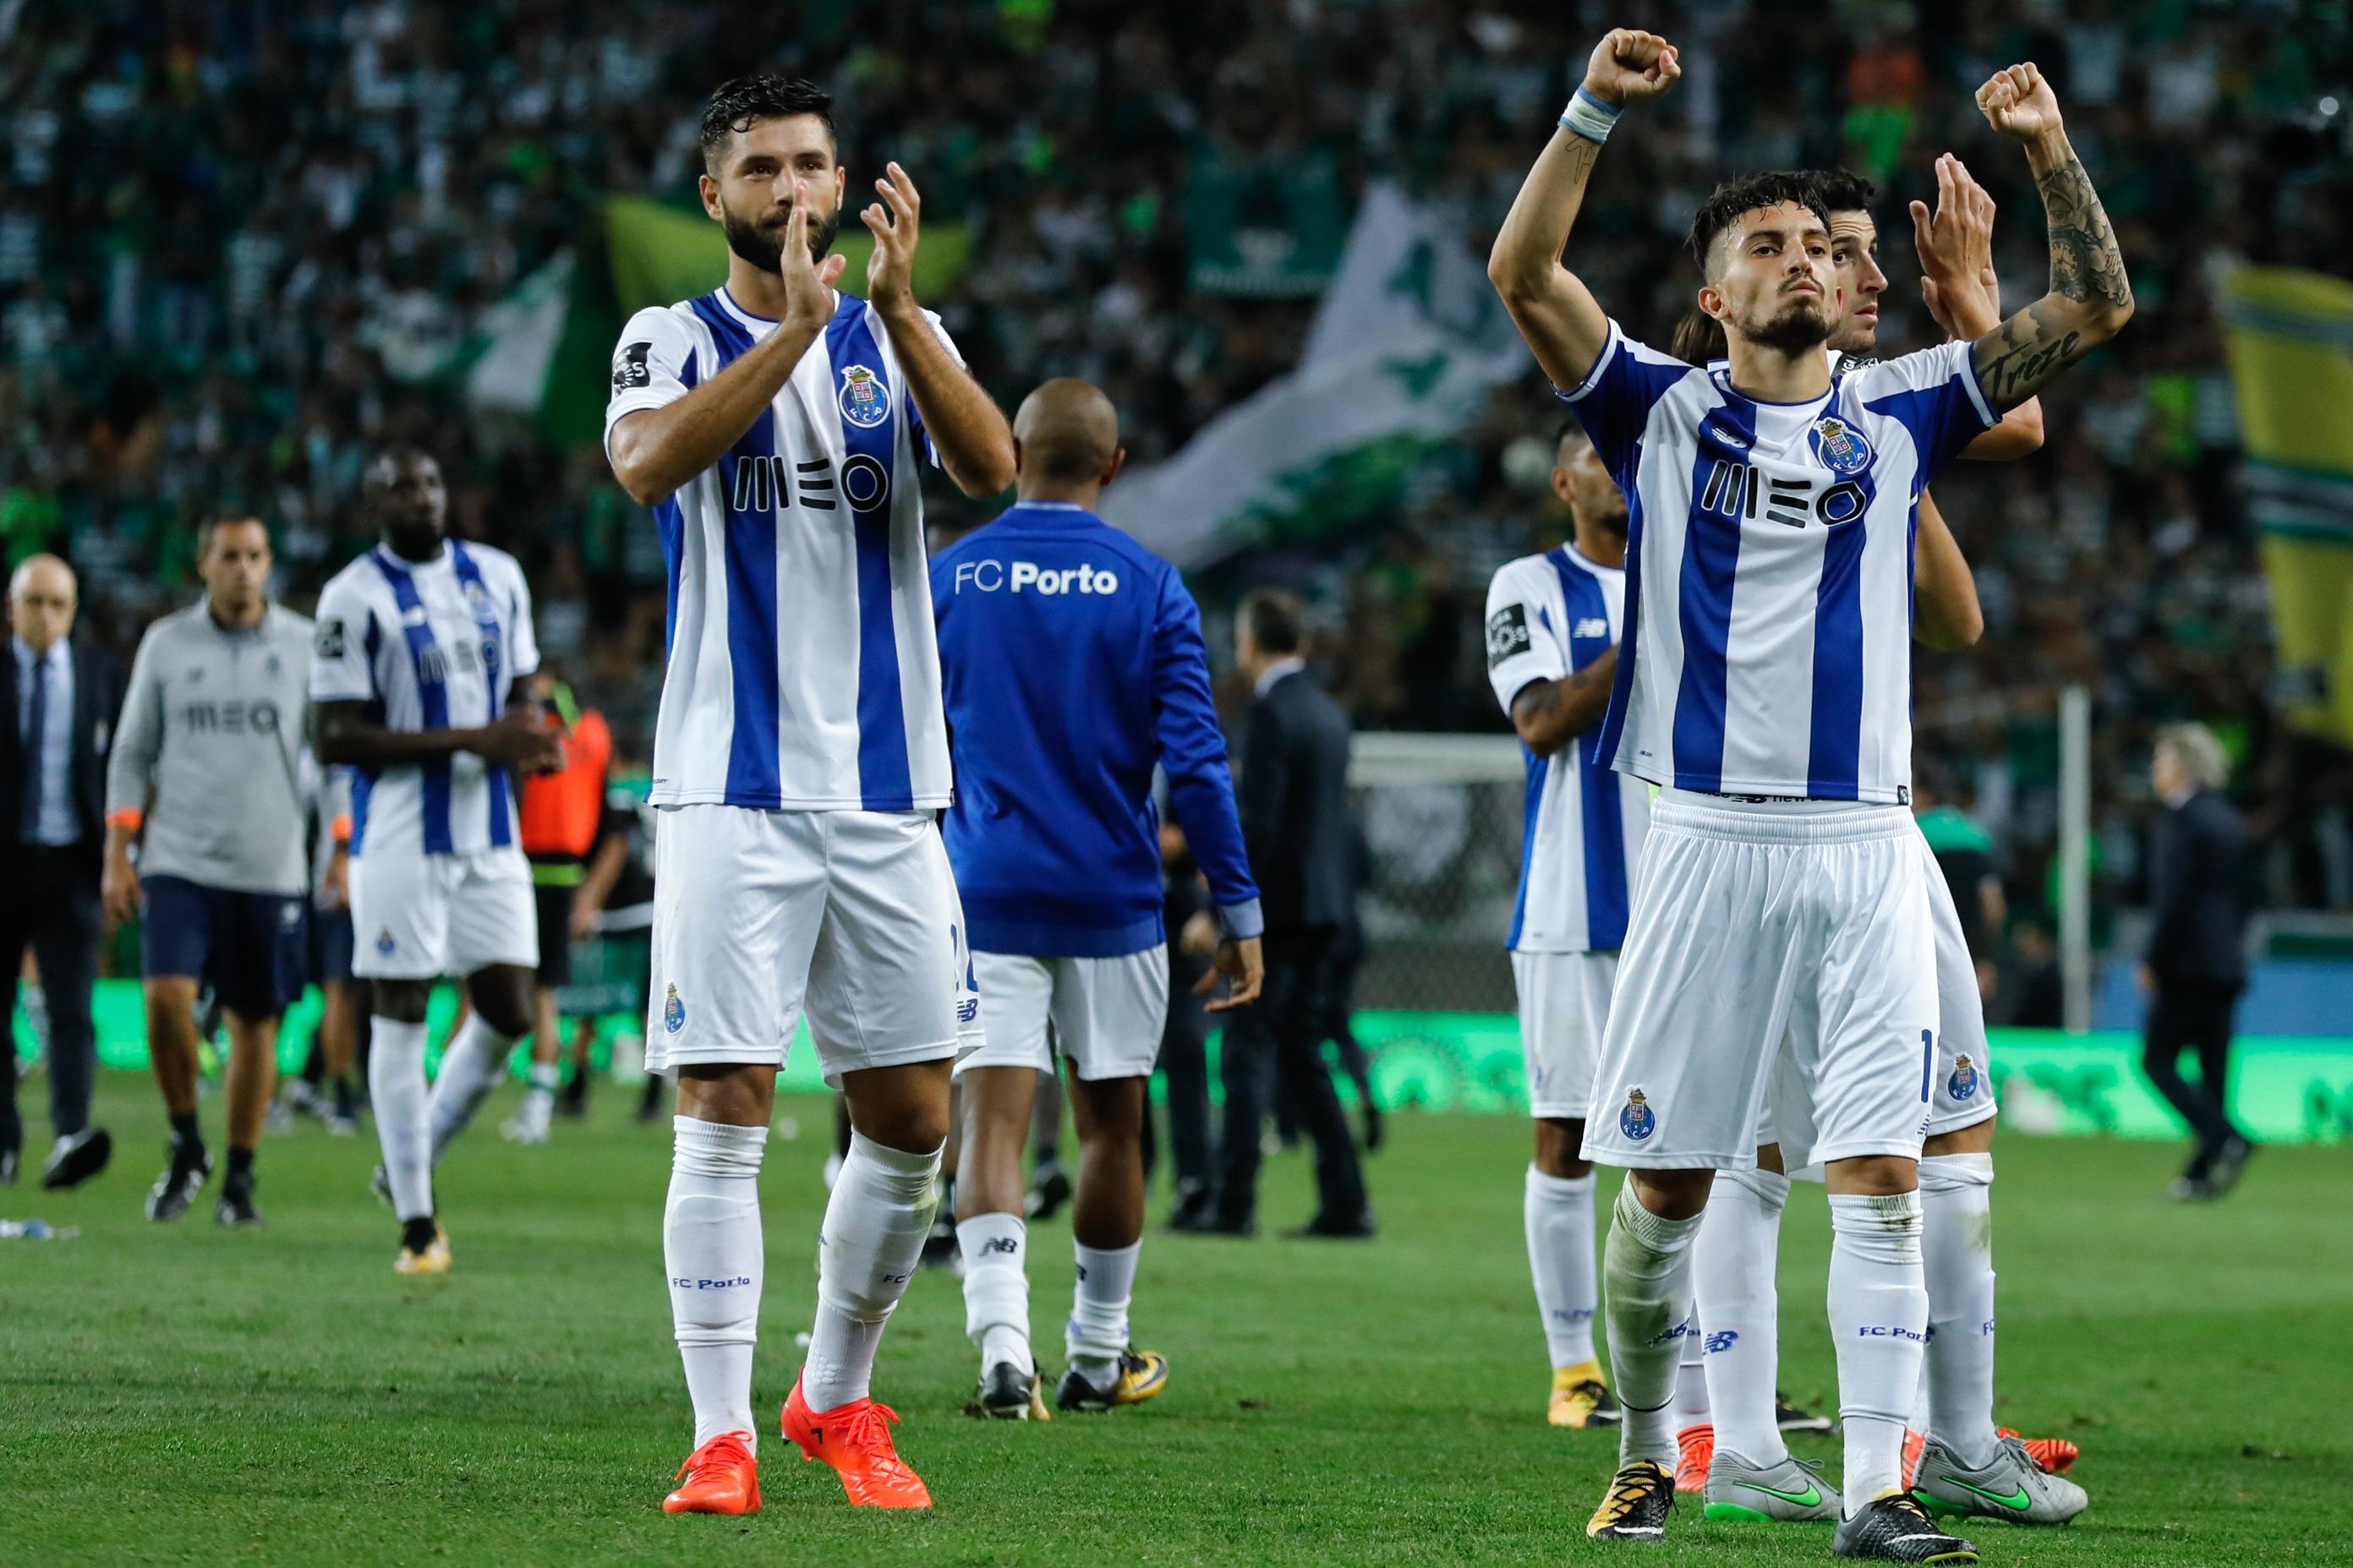 FC Porto vence Boavista com segundo tempo demolidor — Crónica